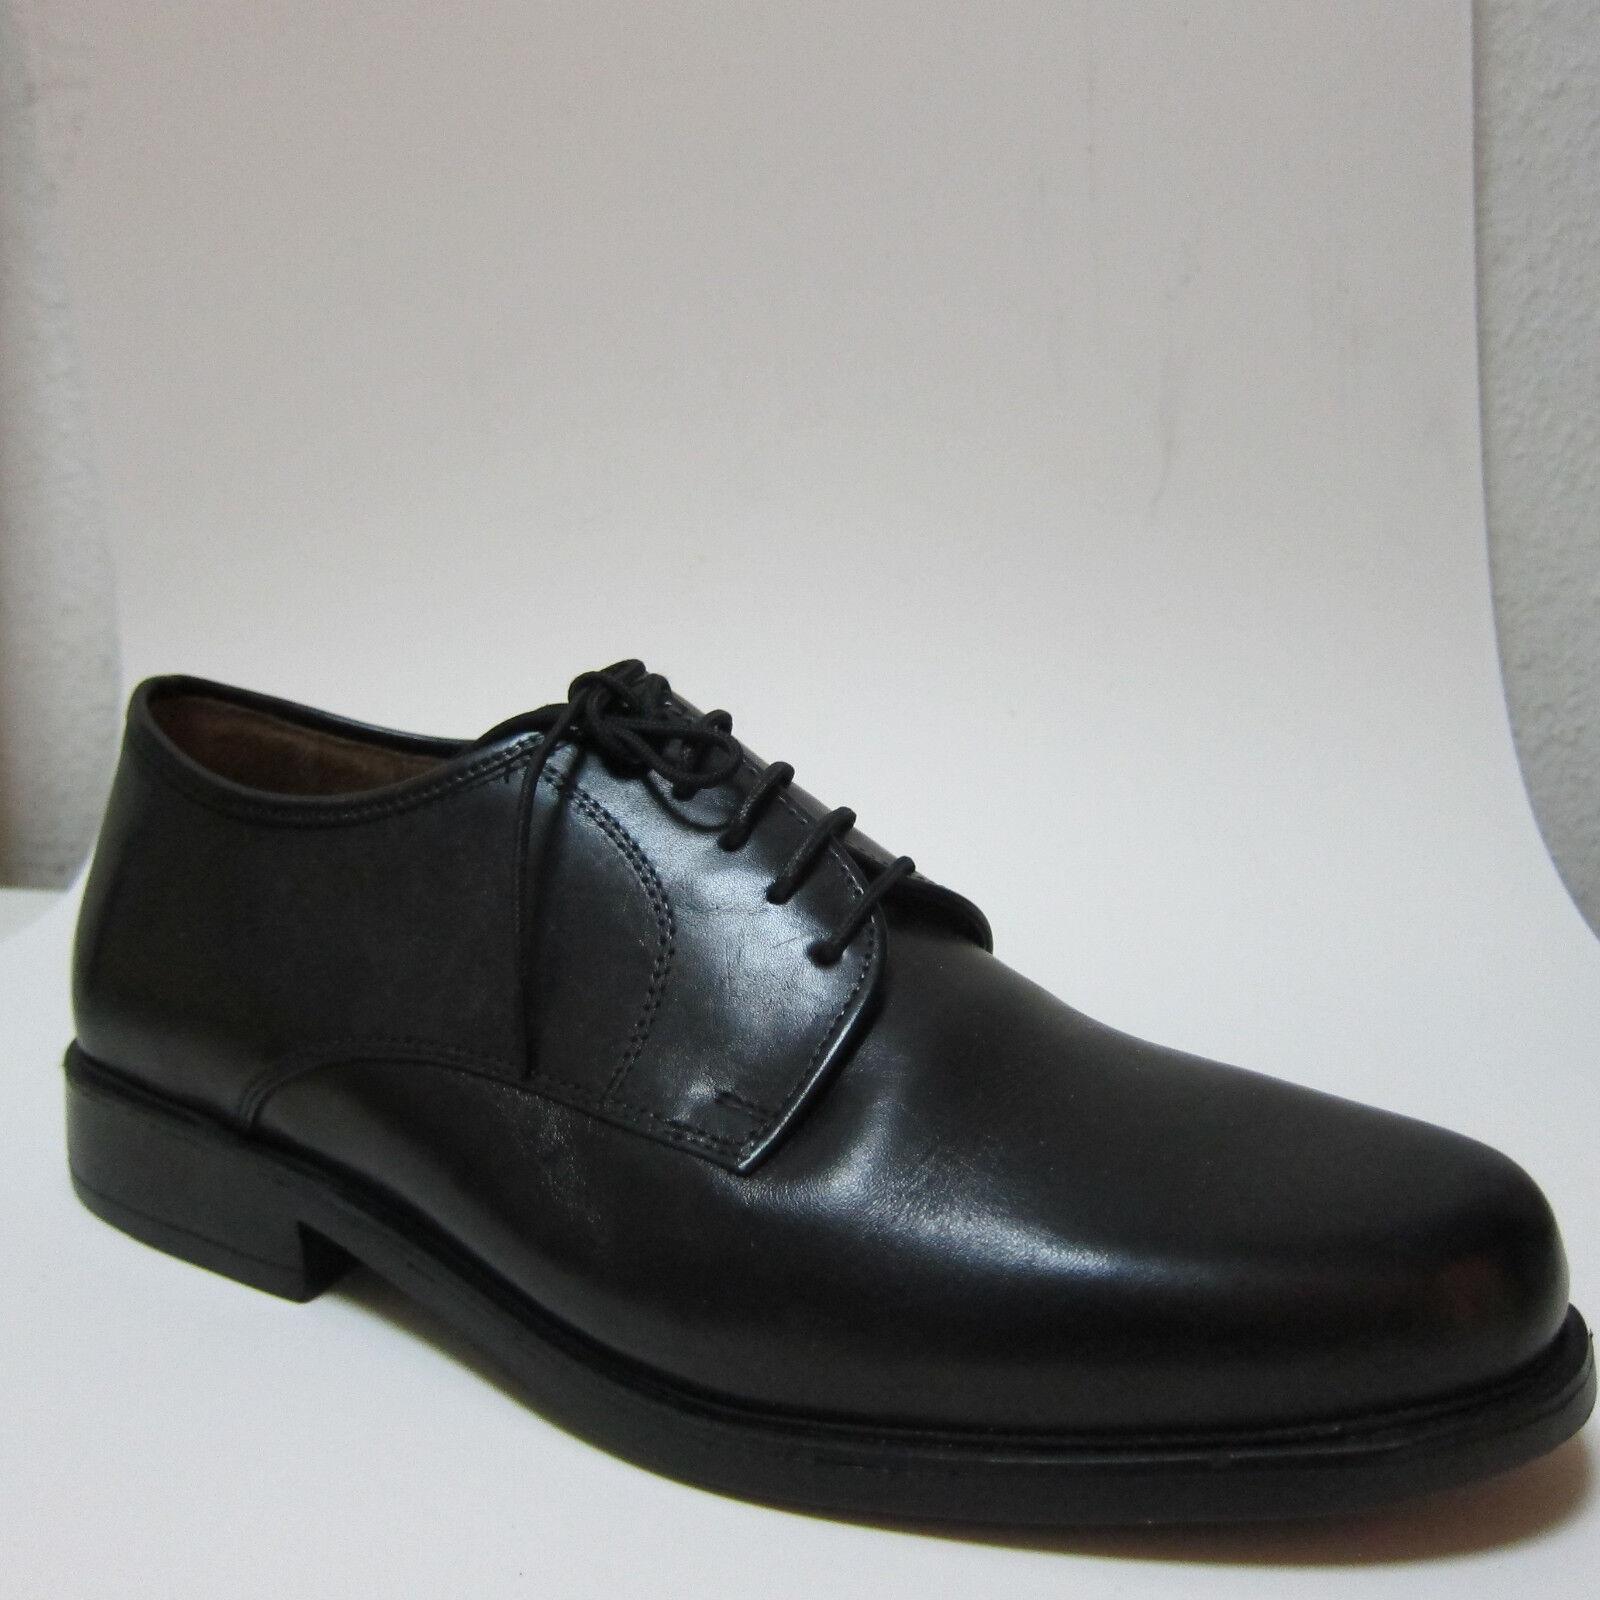 Manz señores zapato lose depósitos talla 45 (10,5)  1937